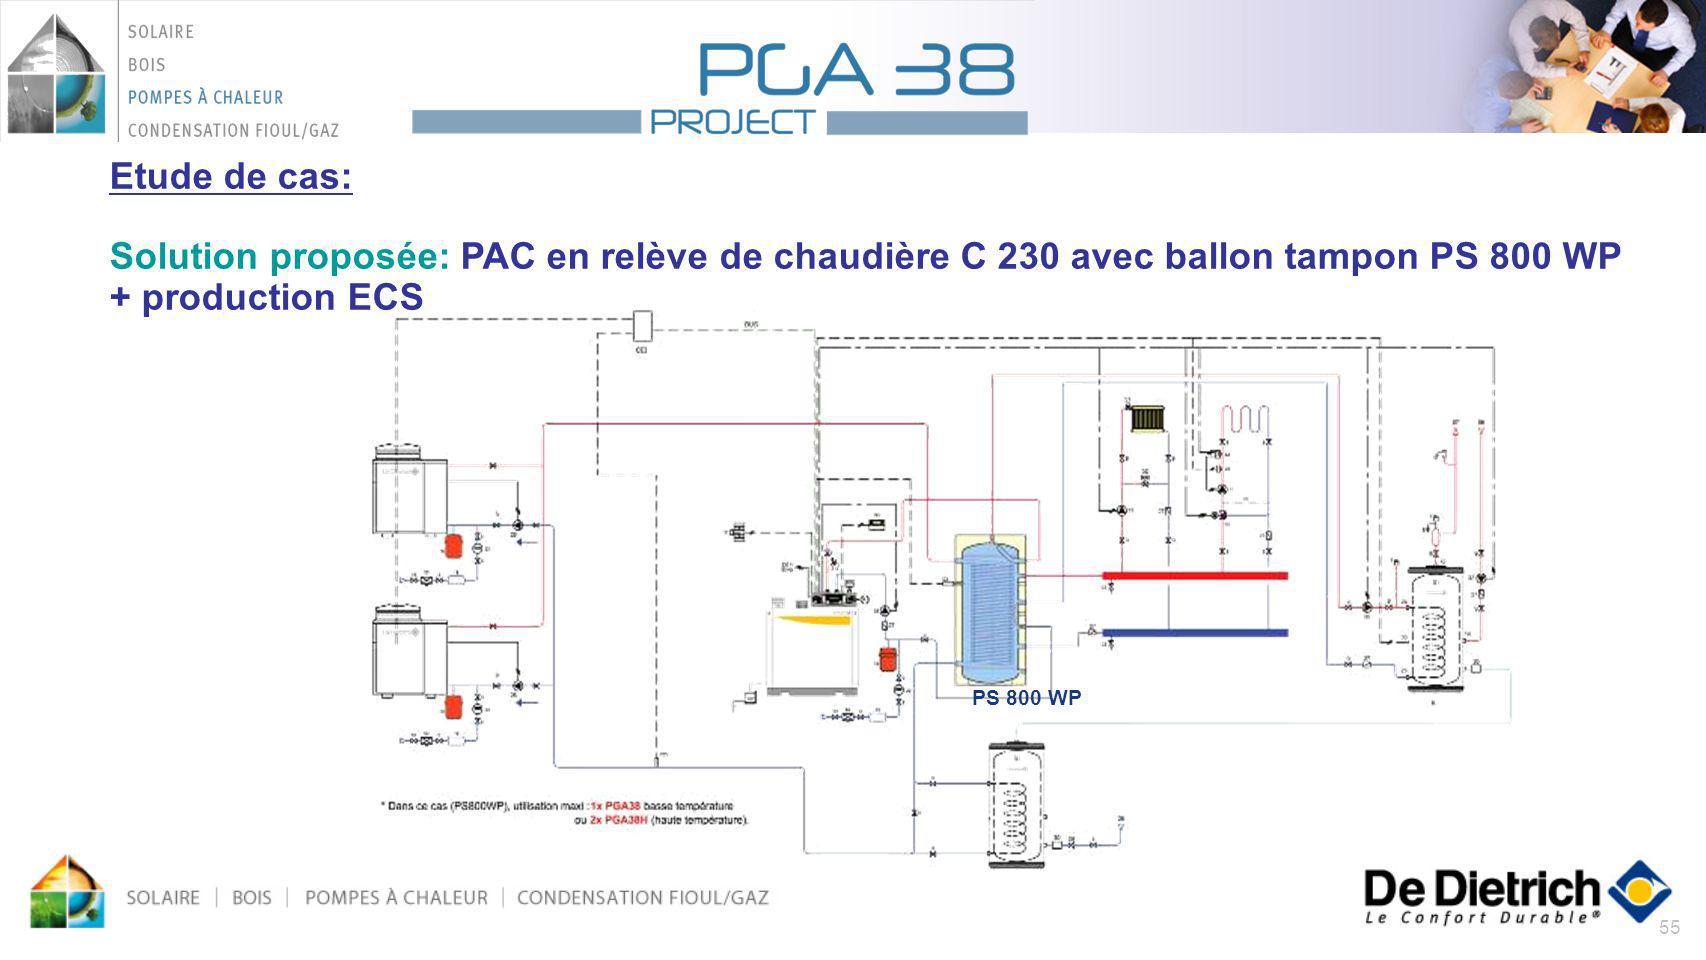 Etude de cas: Solution proposée: PAC en relève de chaudière C 230 avec ballon tampon PS 800 WP + production ECS